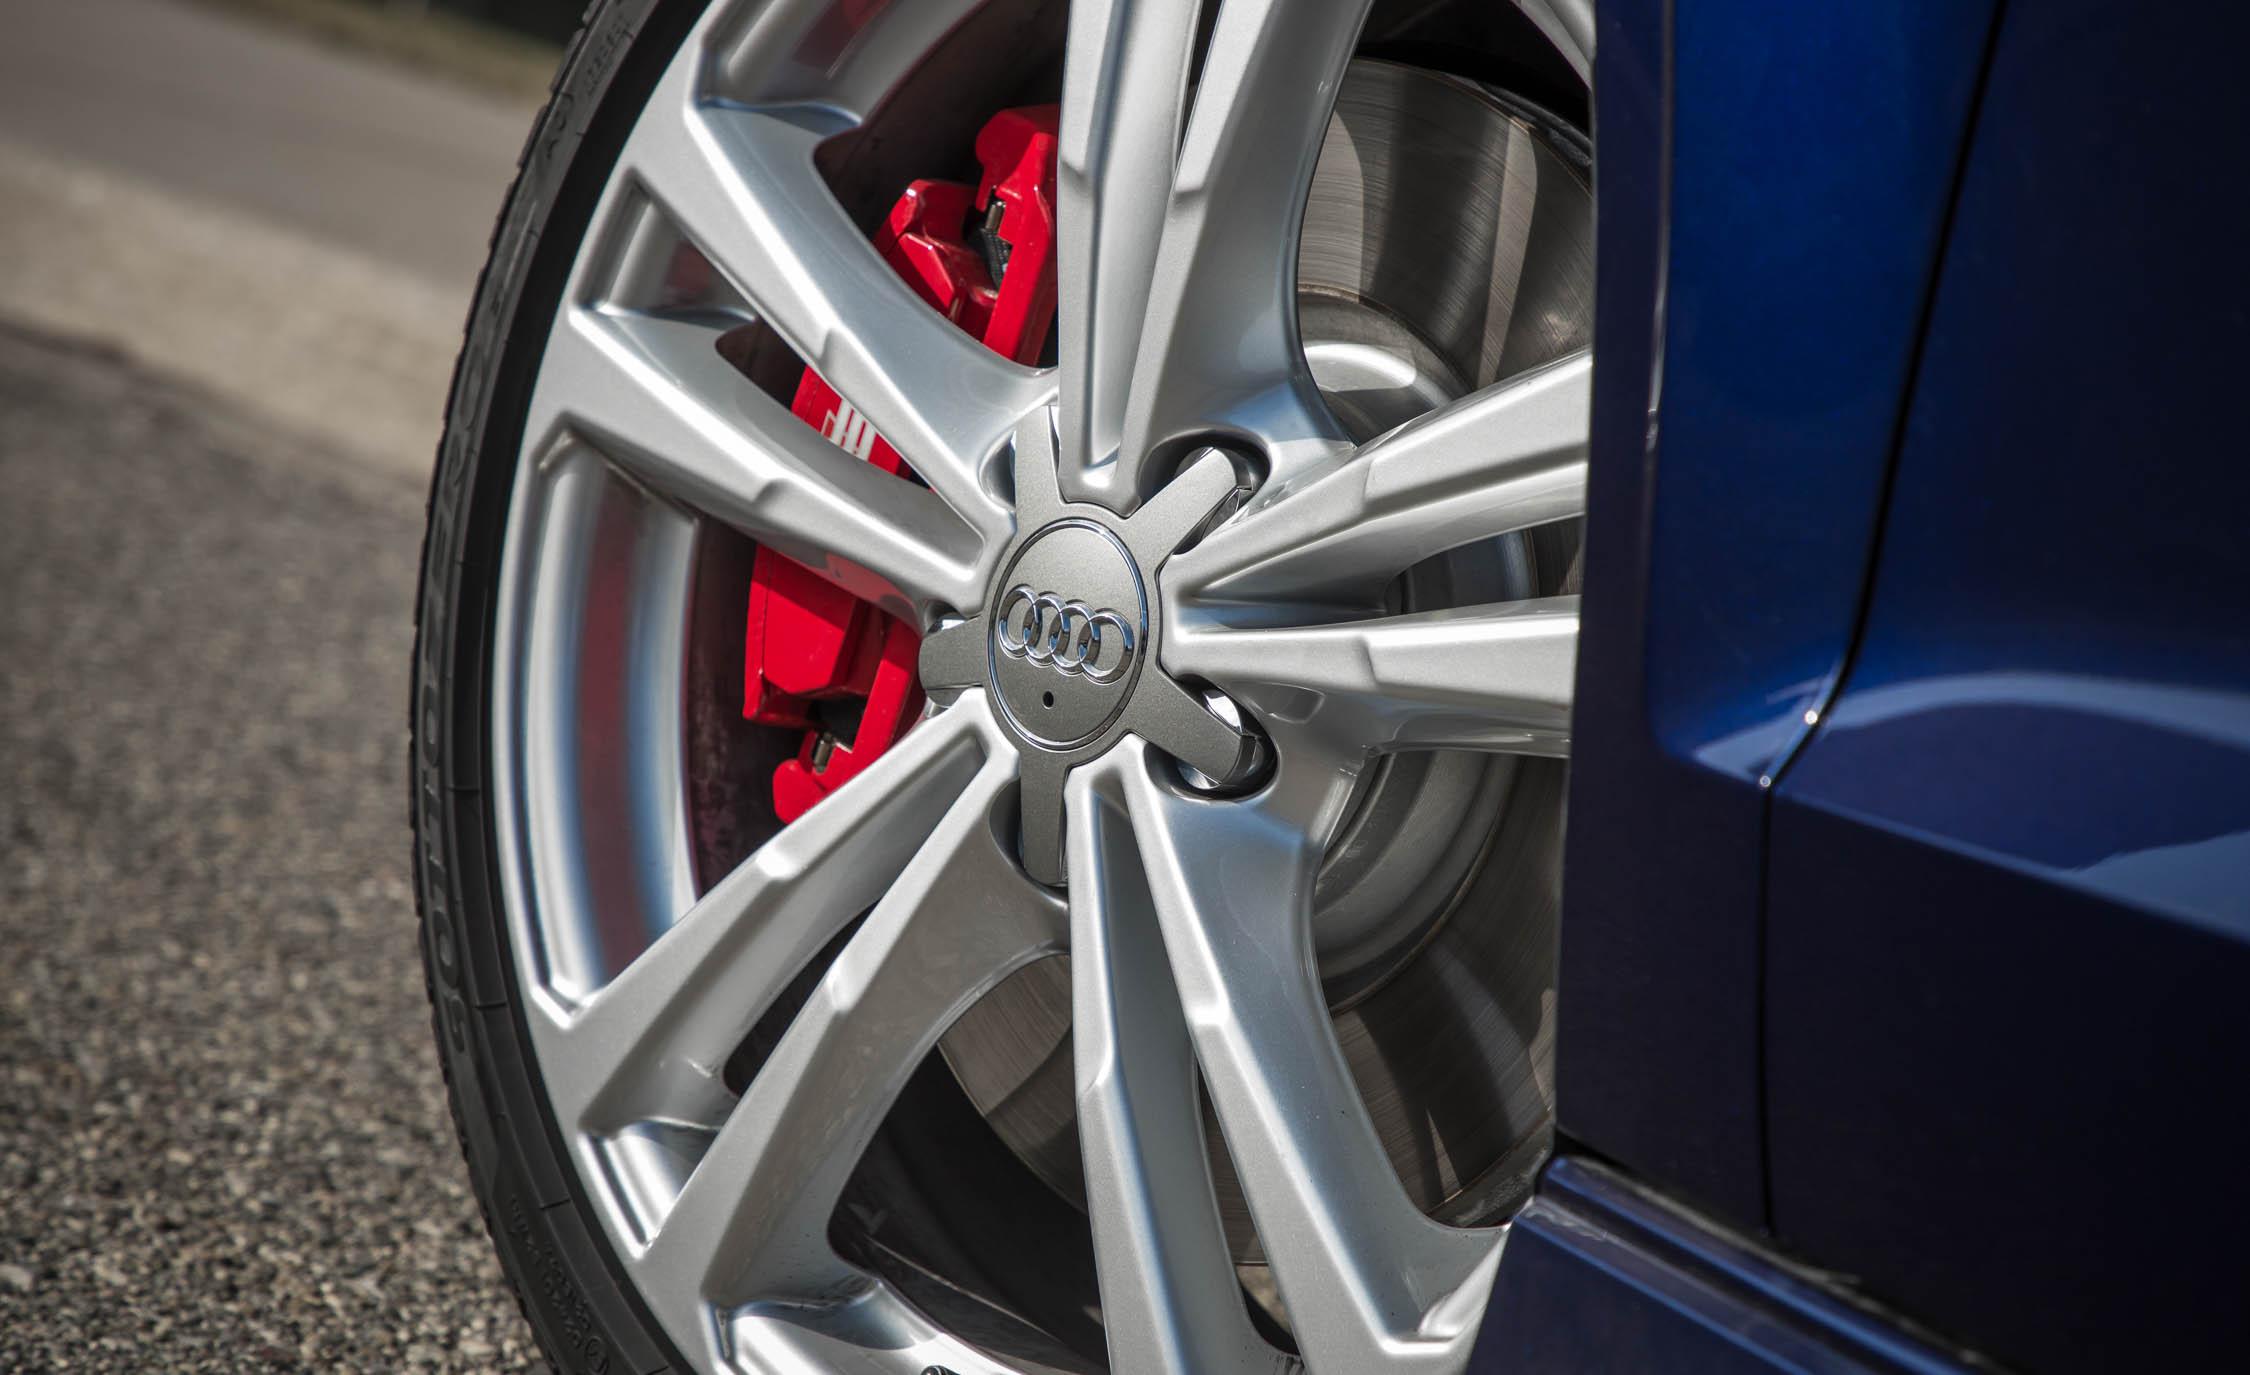 2017 Audi S3 Exterior View Wheel Velg (View 31 of 50)